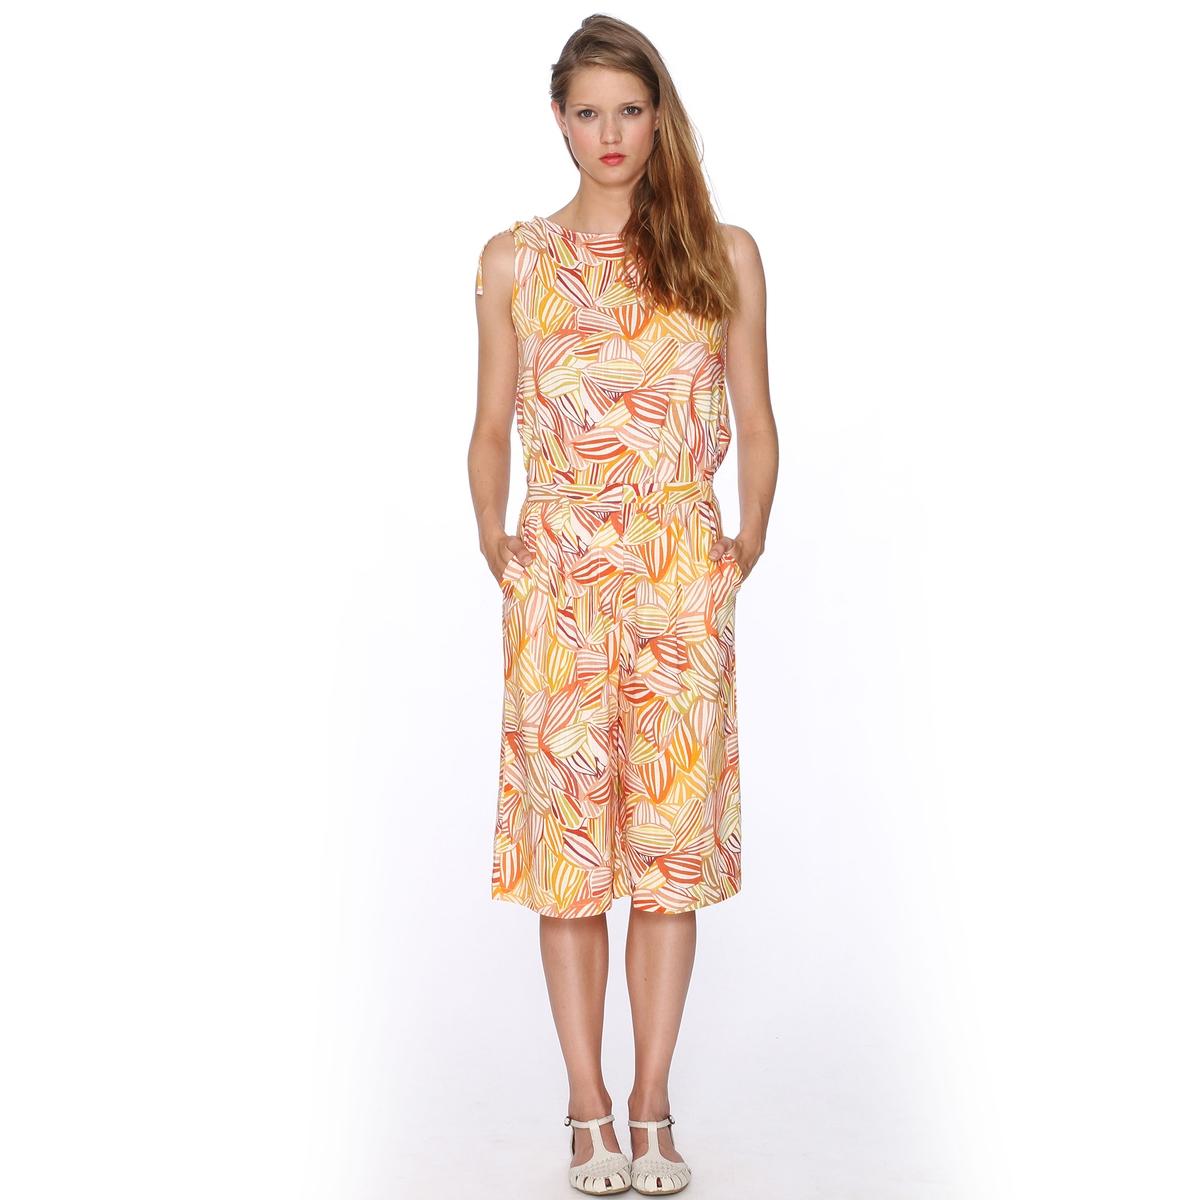 Бермуды с рисунком - PEPALOVES, Trouser MurielБермуды, модель Trouser Muriel от PEPALOVES. Объемный покрой. Сплошной цветочный рисунок. 2 боковых кармана.Состав и описание:Материал: 55% льна, 45% хлопка.Марка: PEPALOVE<br><br>Цвет: оранжевый/рисунок<br>Размер: S